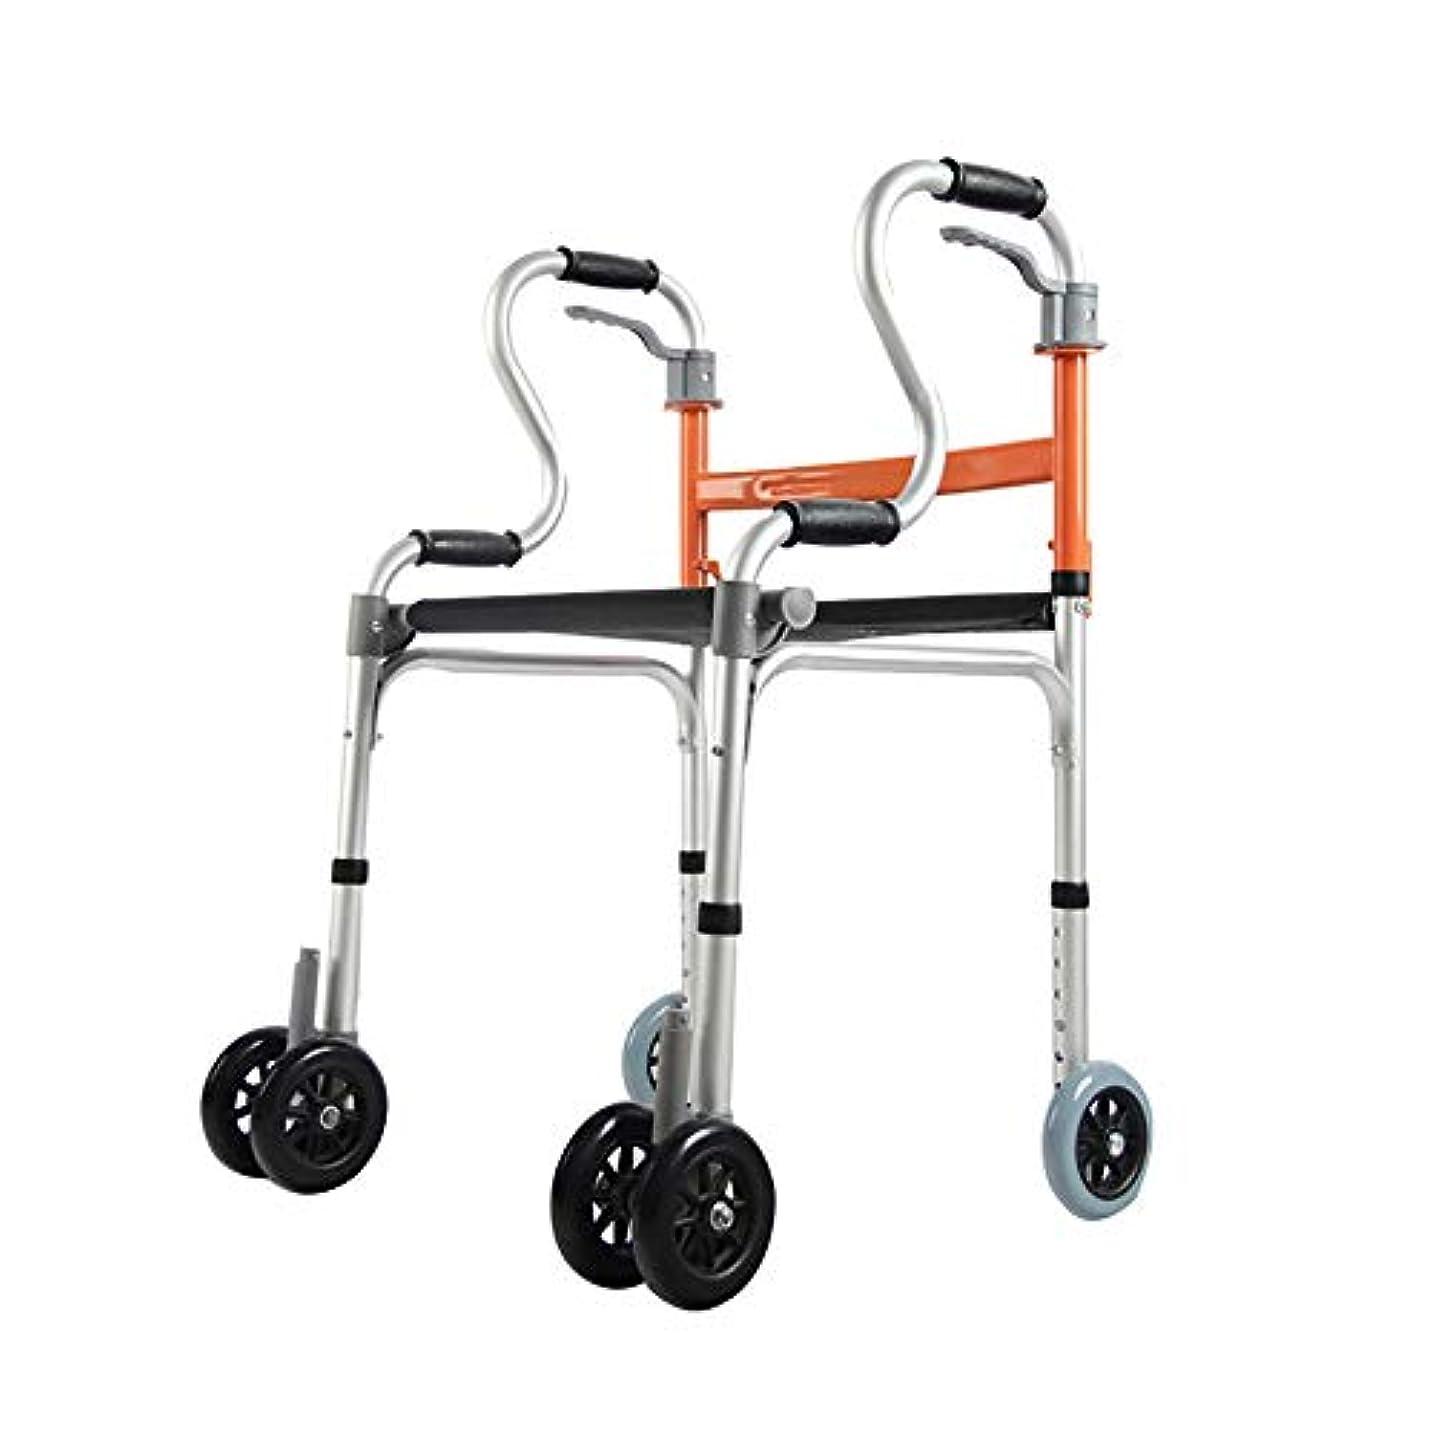 下品タバコ一握り6輪折りたたみ補助歩行器、高さ調節可能な軽量の旅行ウォーカー、高齢者のために、障害のある限られた移動性